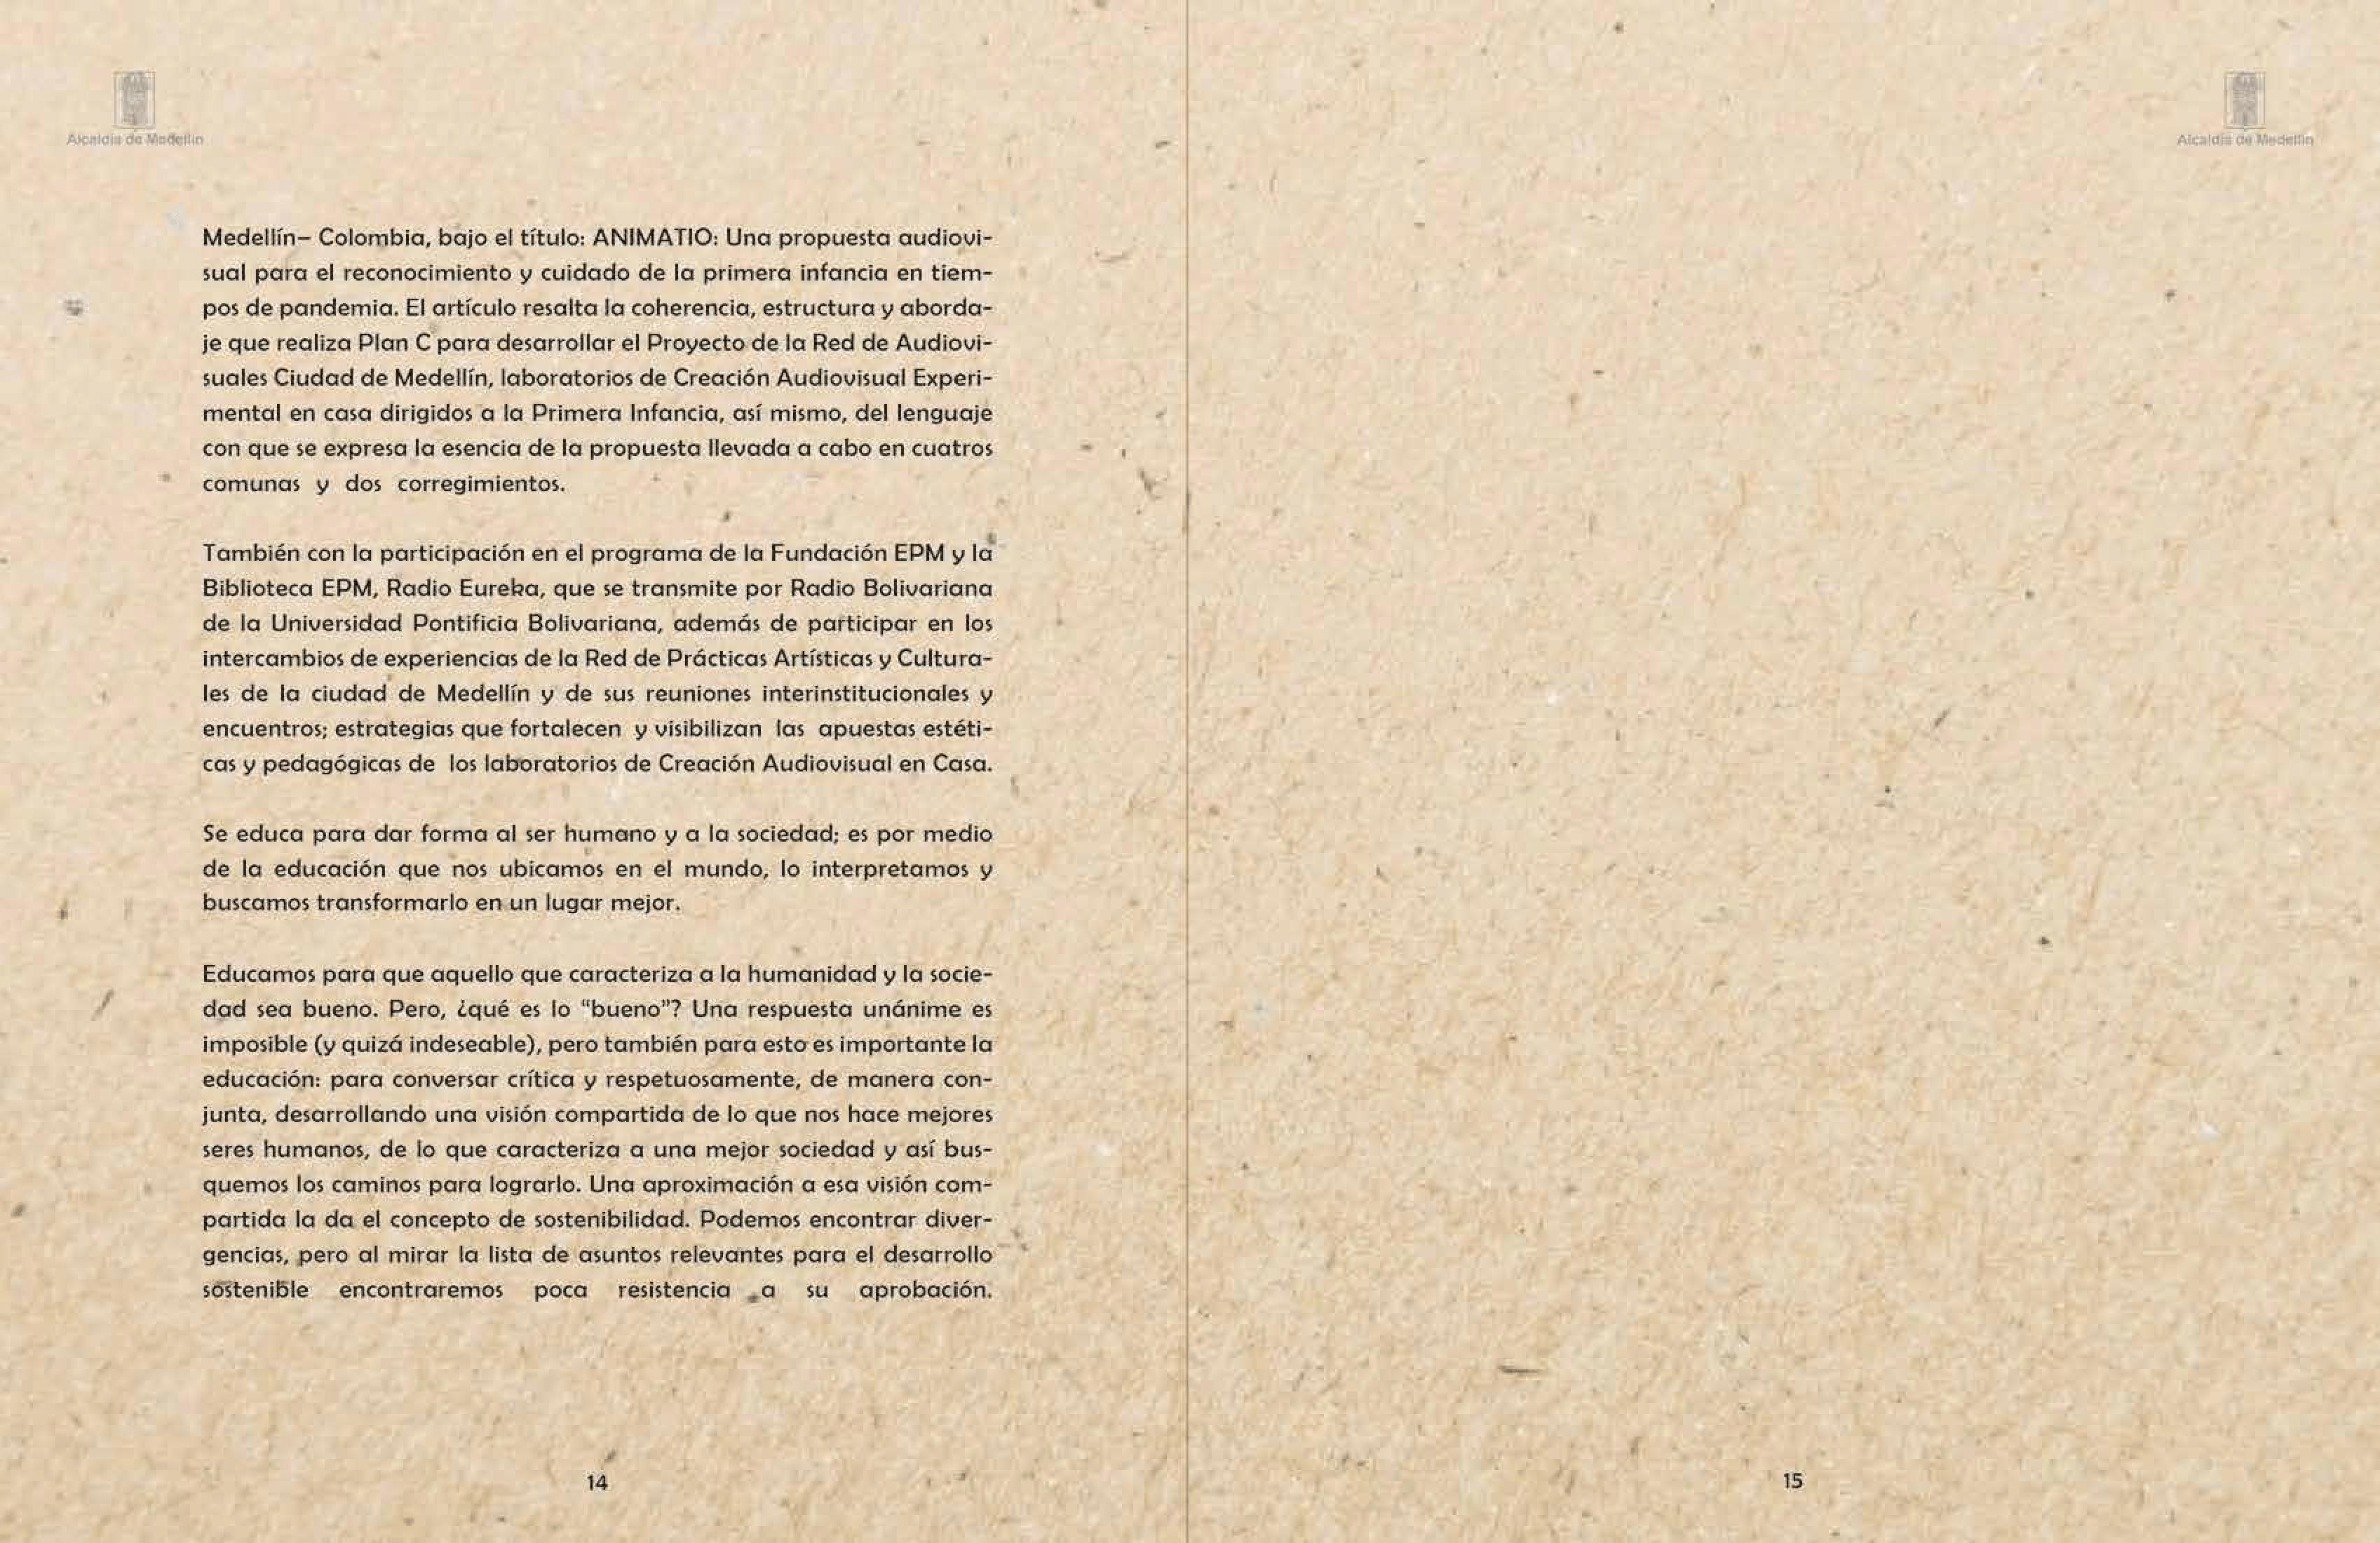 libro Animatio-páginas-10